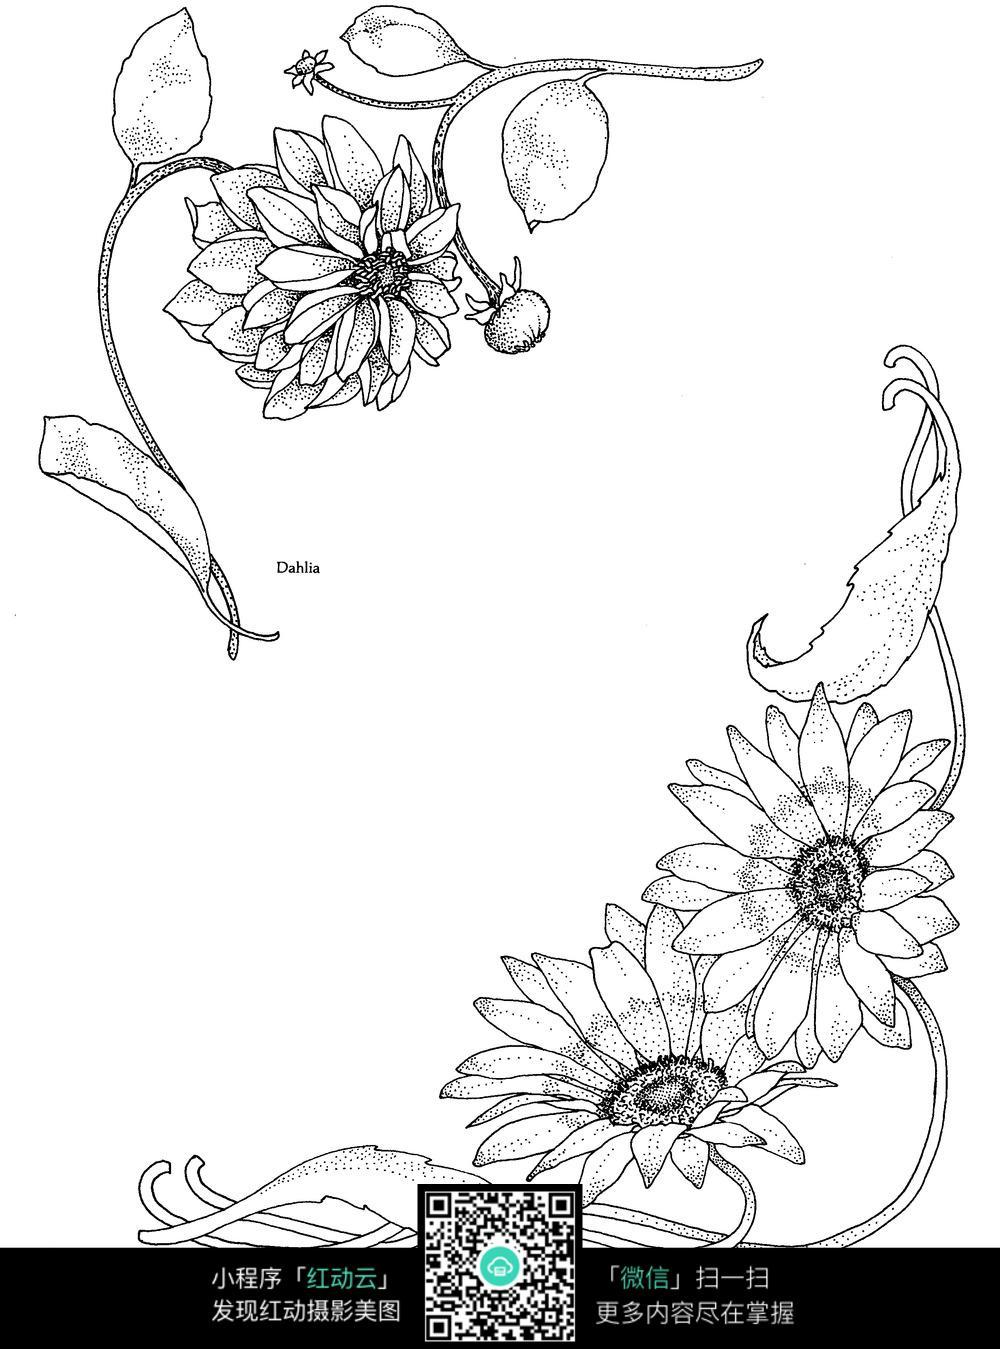 免费素材 图片素材 背景花边 花纹花边 手绘菊花  请您分享: 红动网